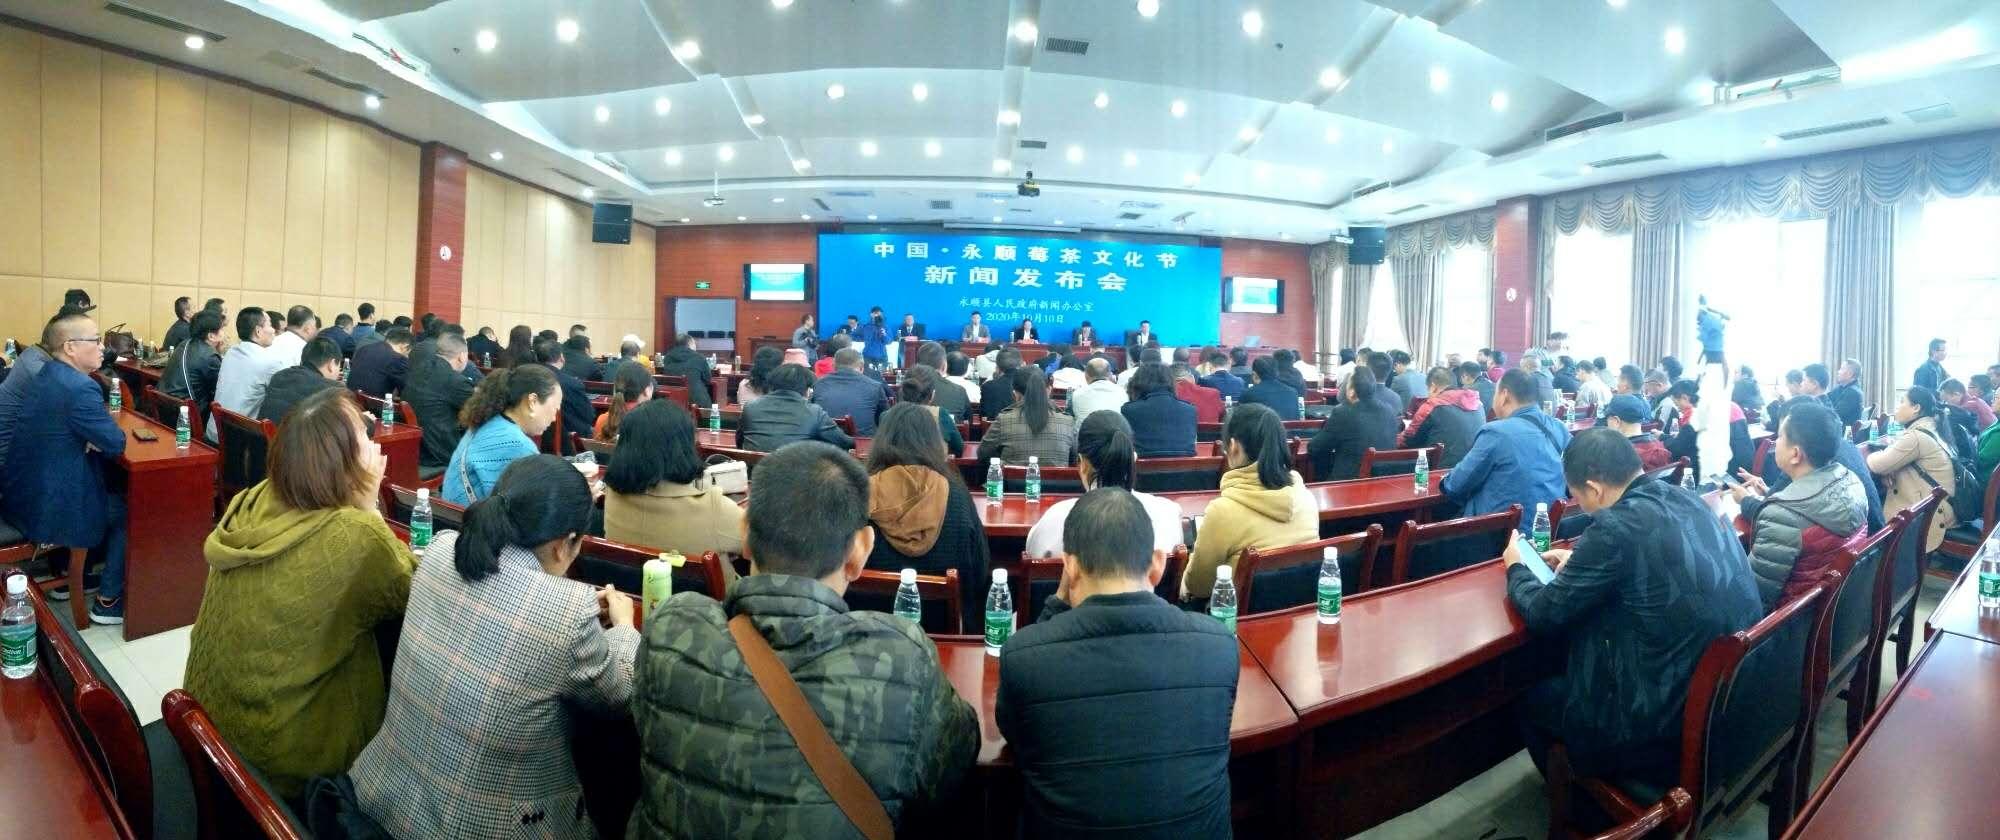 中国•永顺莓茶文化节10月11日在芙蓉镇举行,网红带货斗茶够嗨!